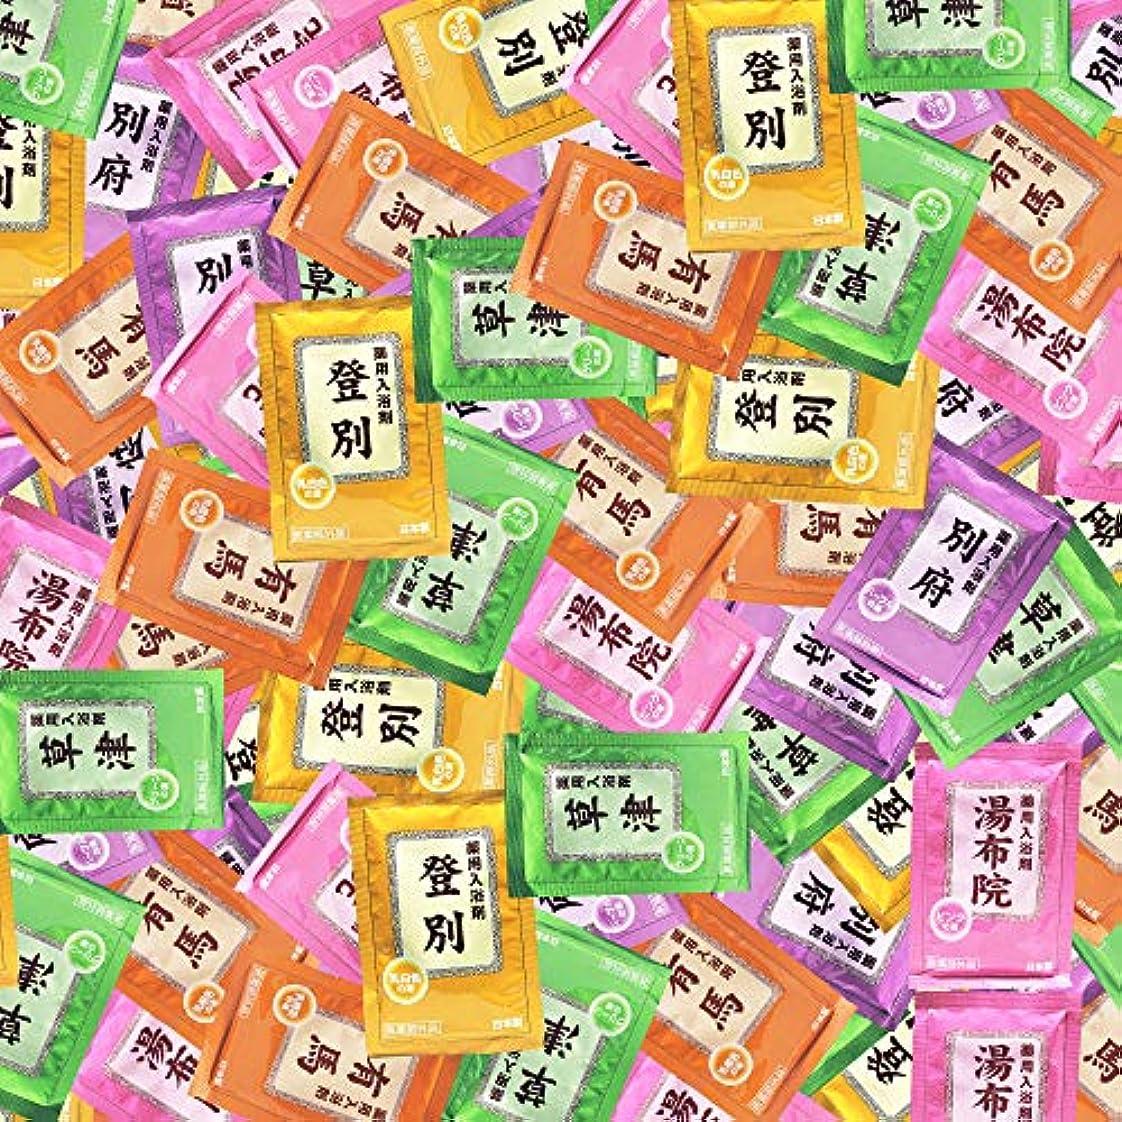 ネット崖誇り入浴剤 ギフト プレゼント 湯宿めぐり 5種類 (200袋)セット